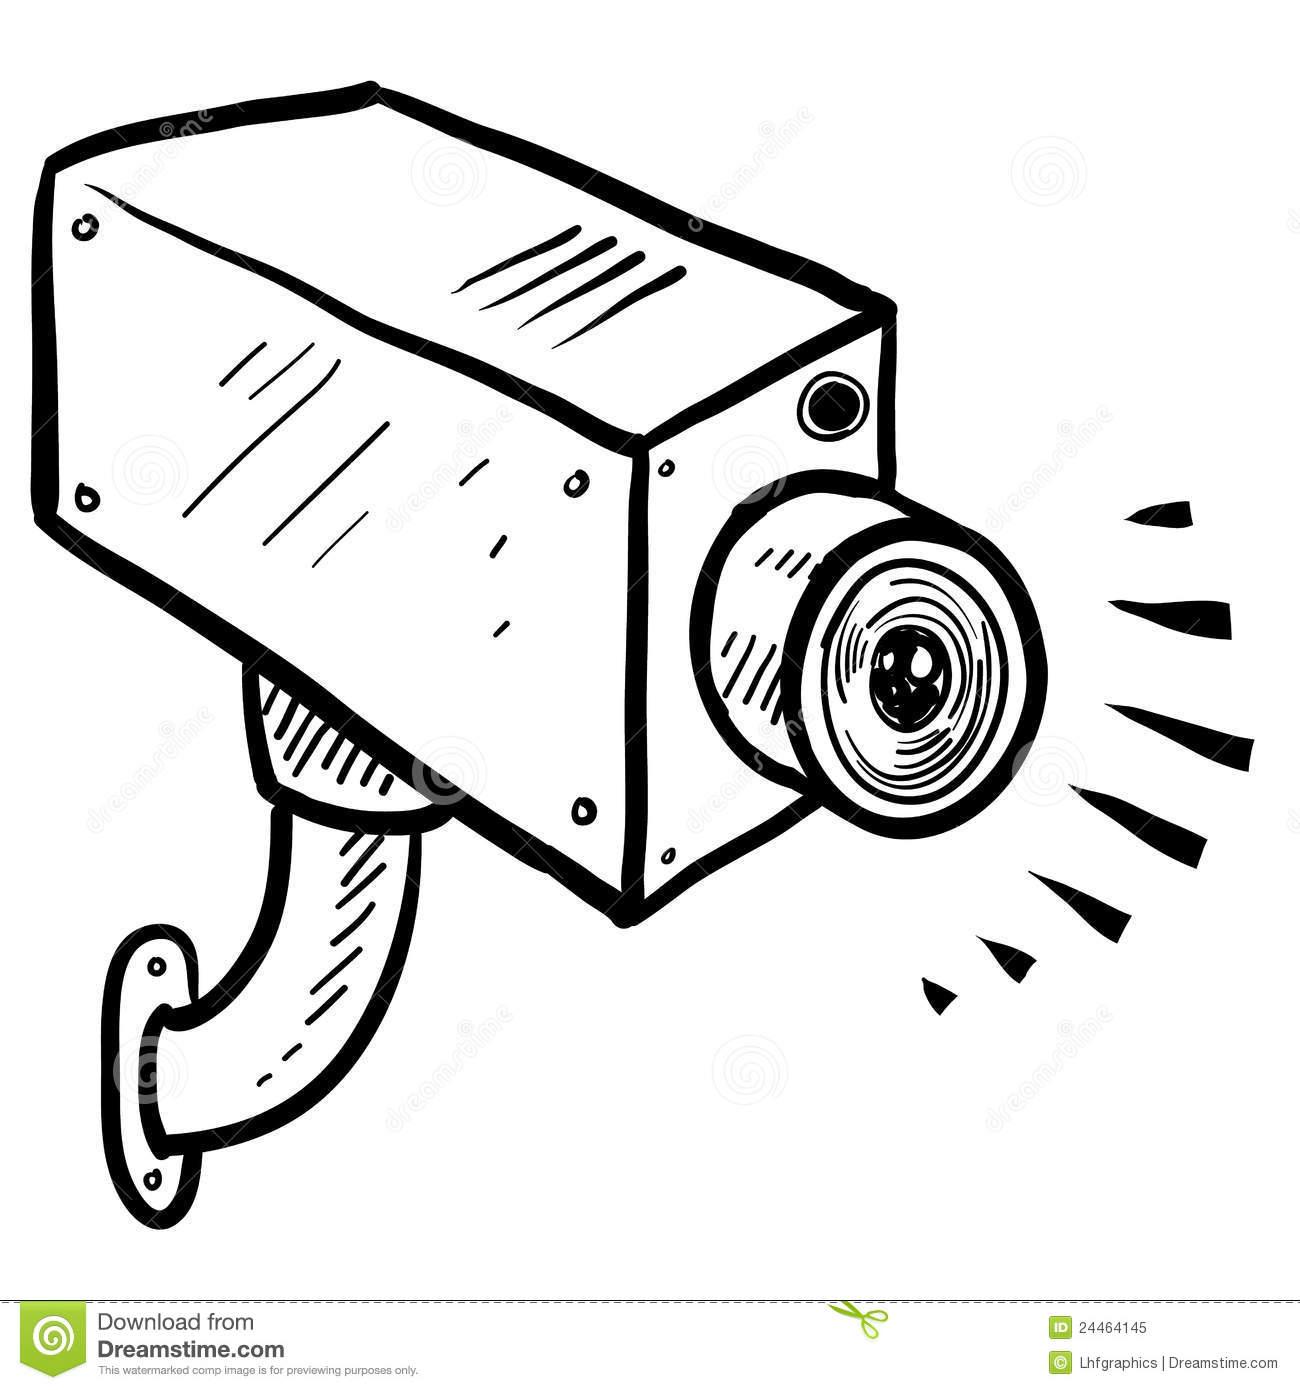 CCTV security camera sketch .